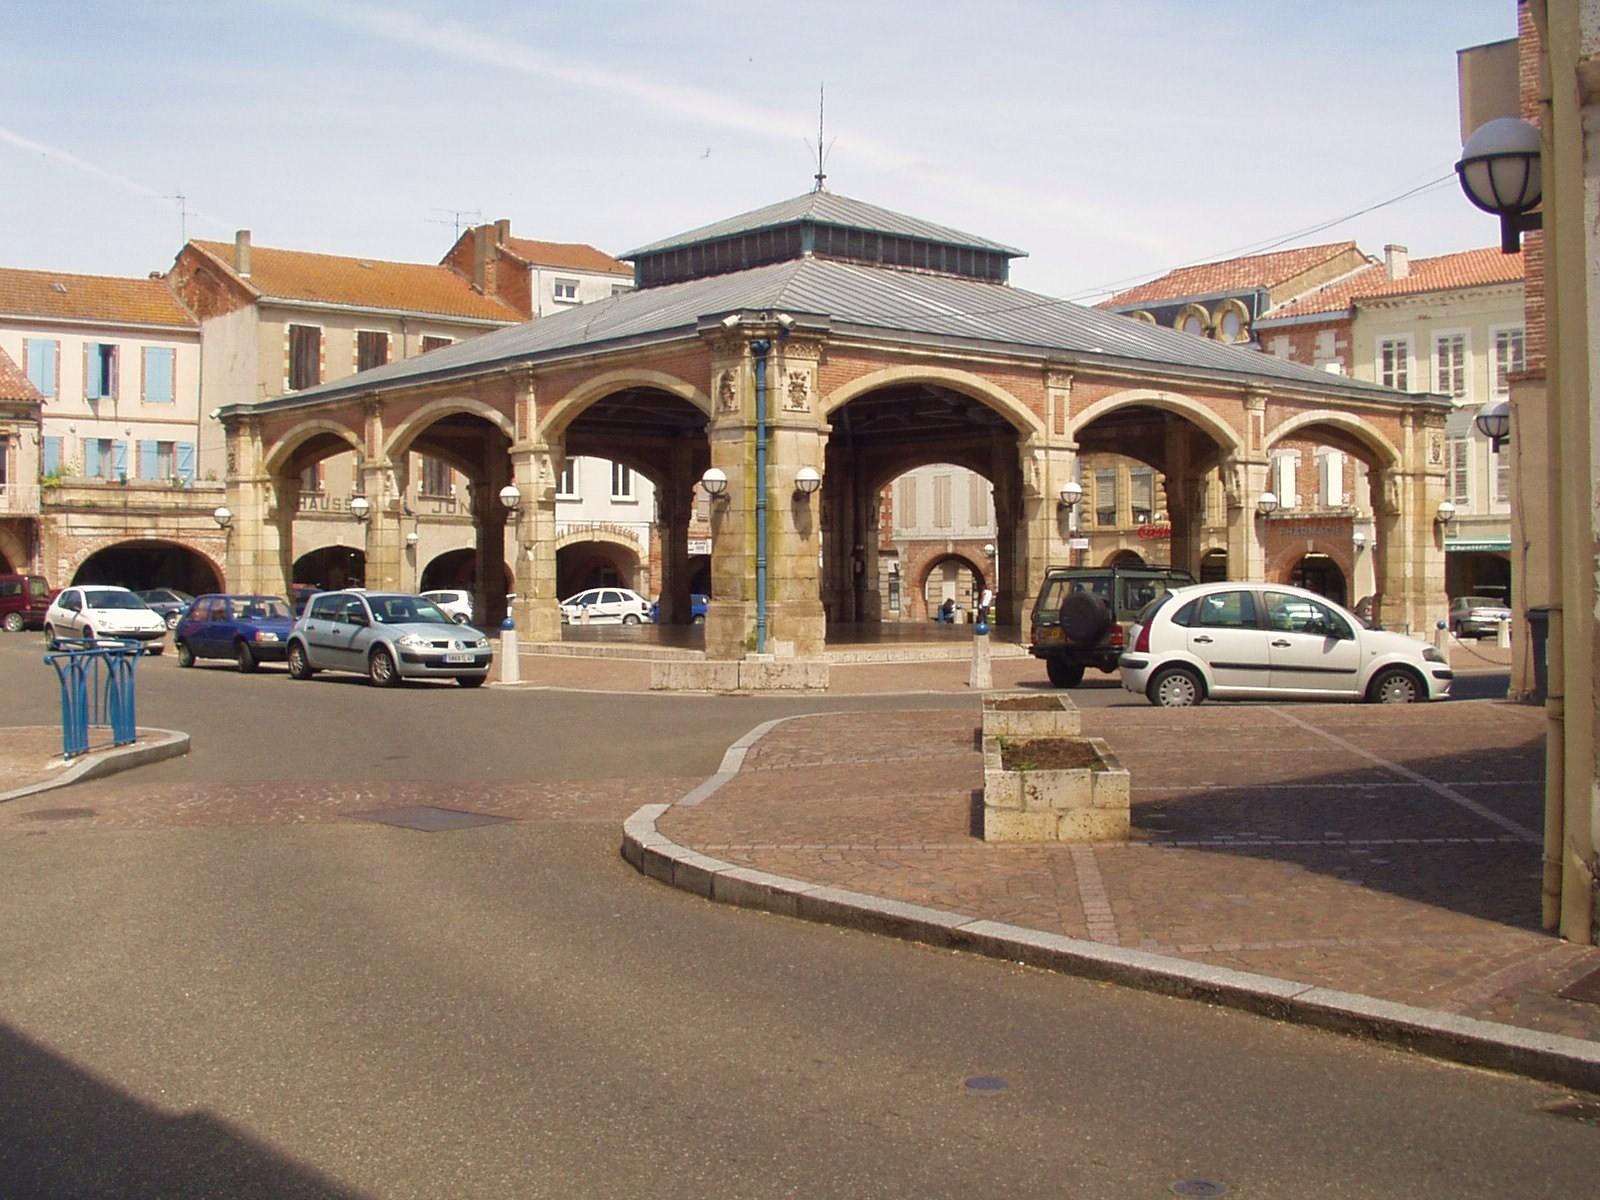 La halle de Valence d'Agen. (Dept 82)